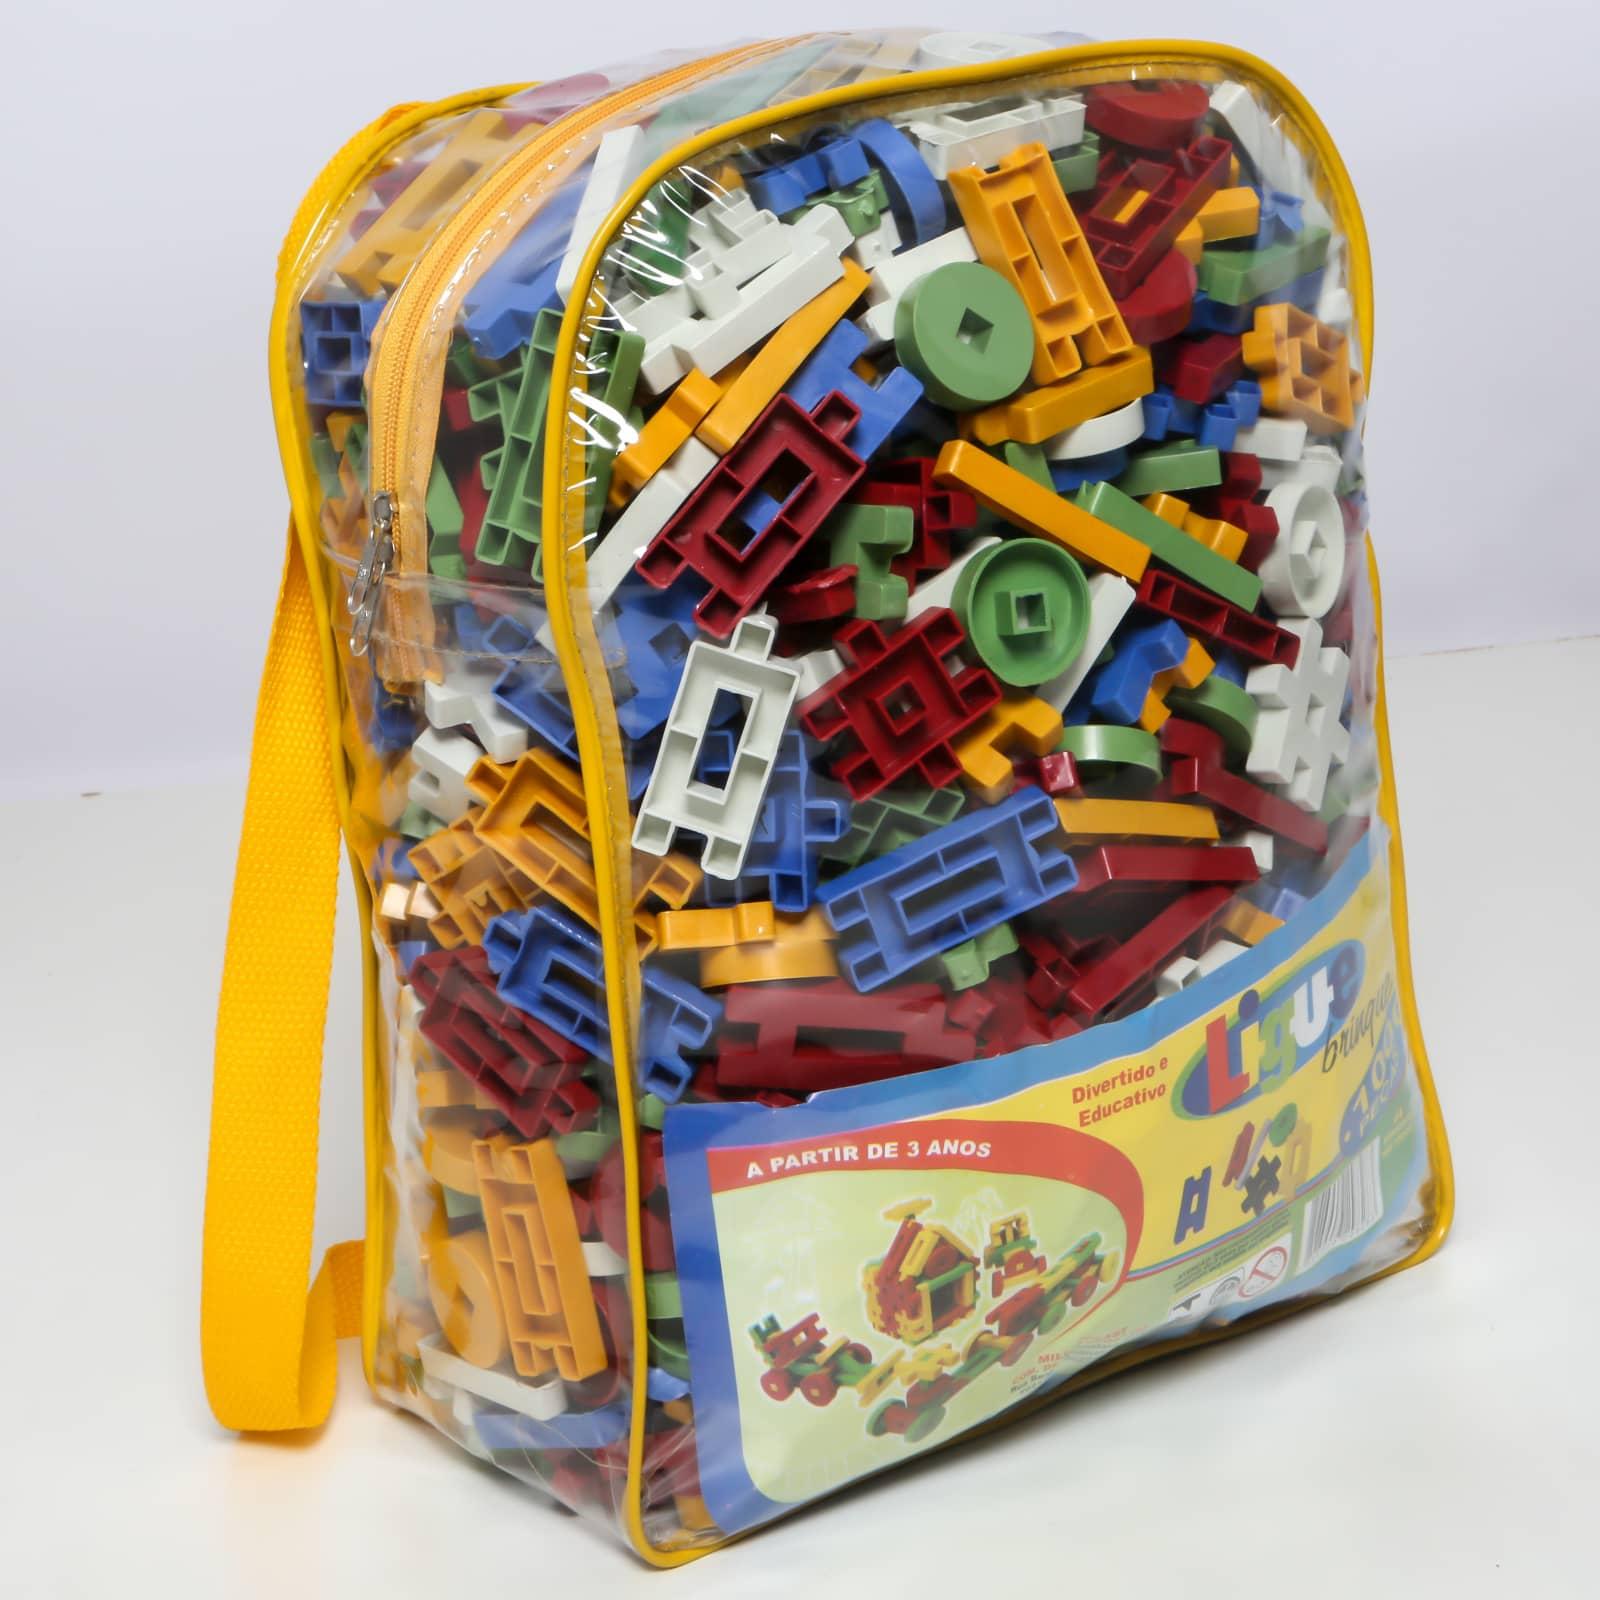 Ligue Brinque 1000 peças - Ref 109